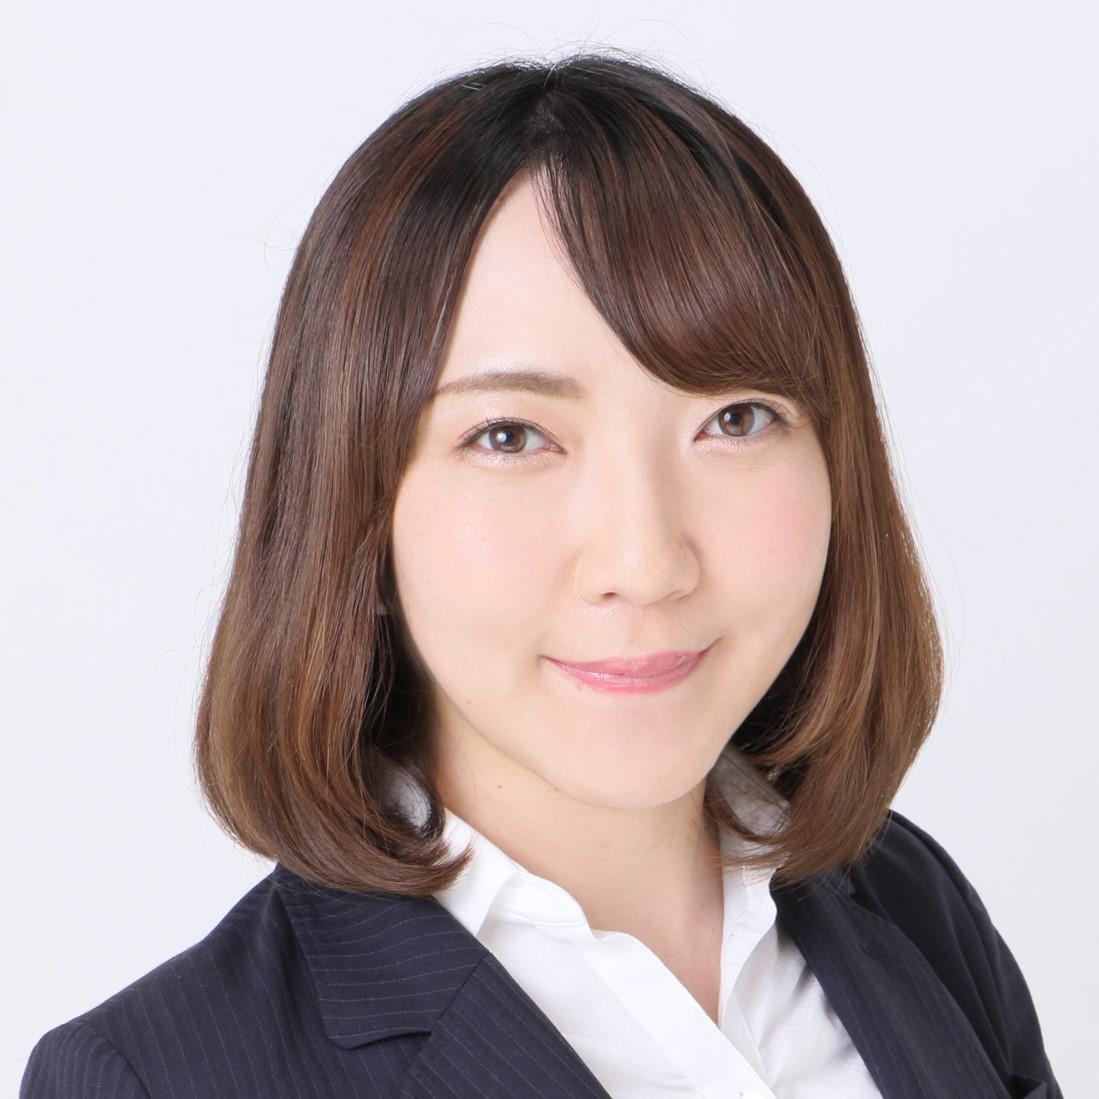 桐生 侑花